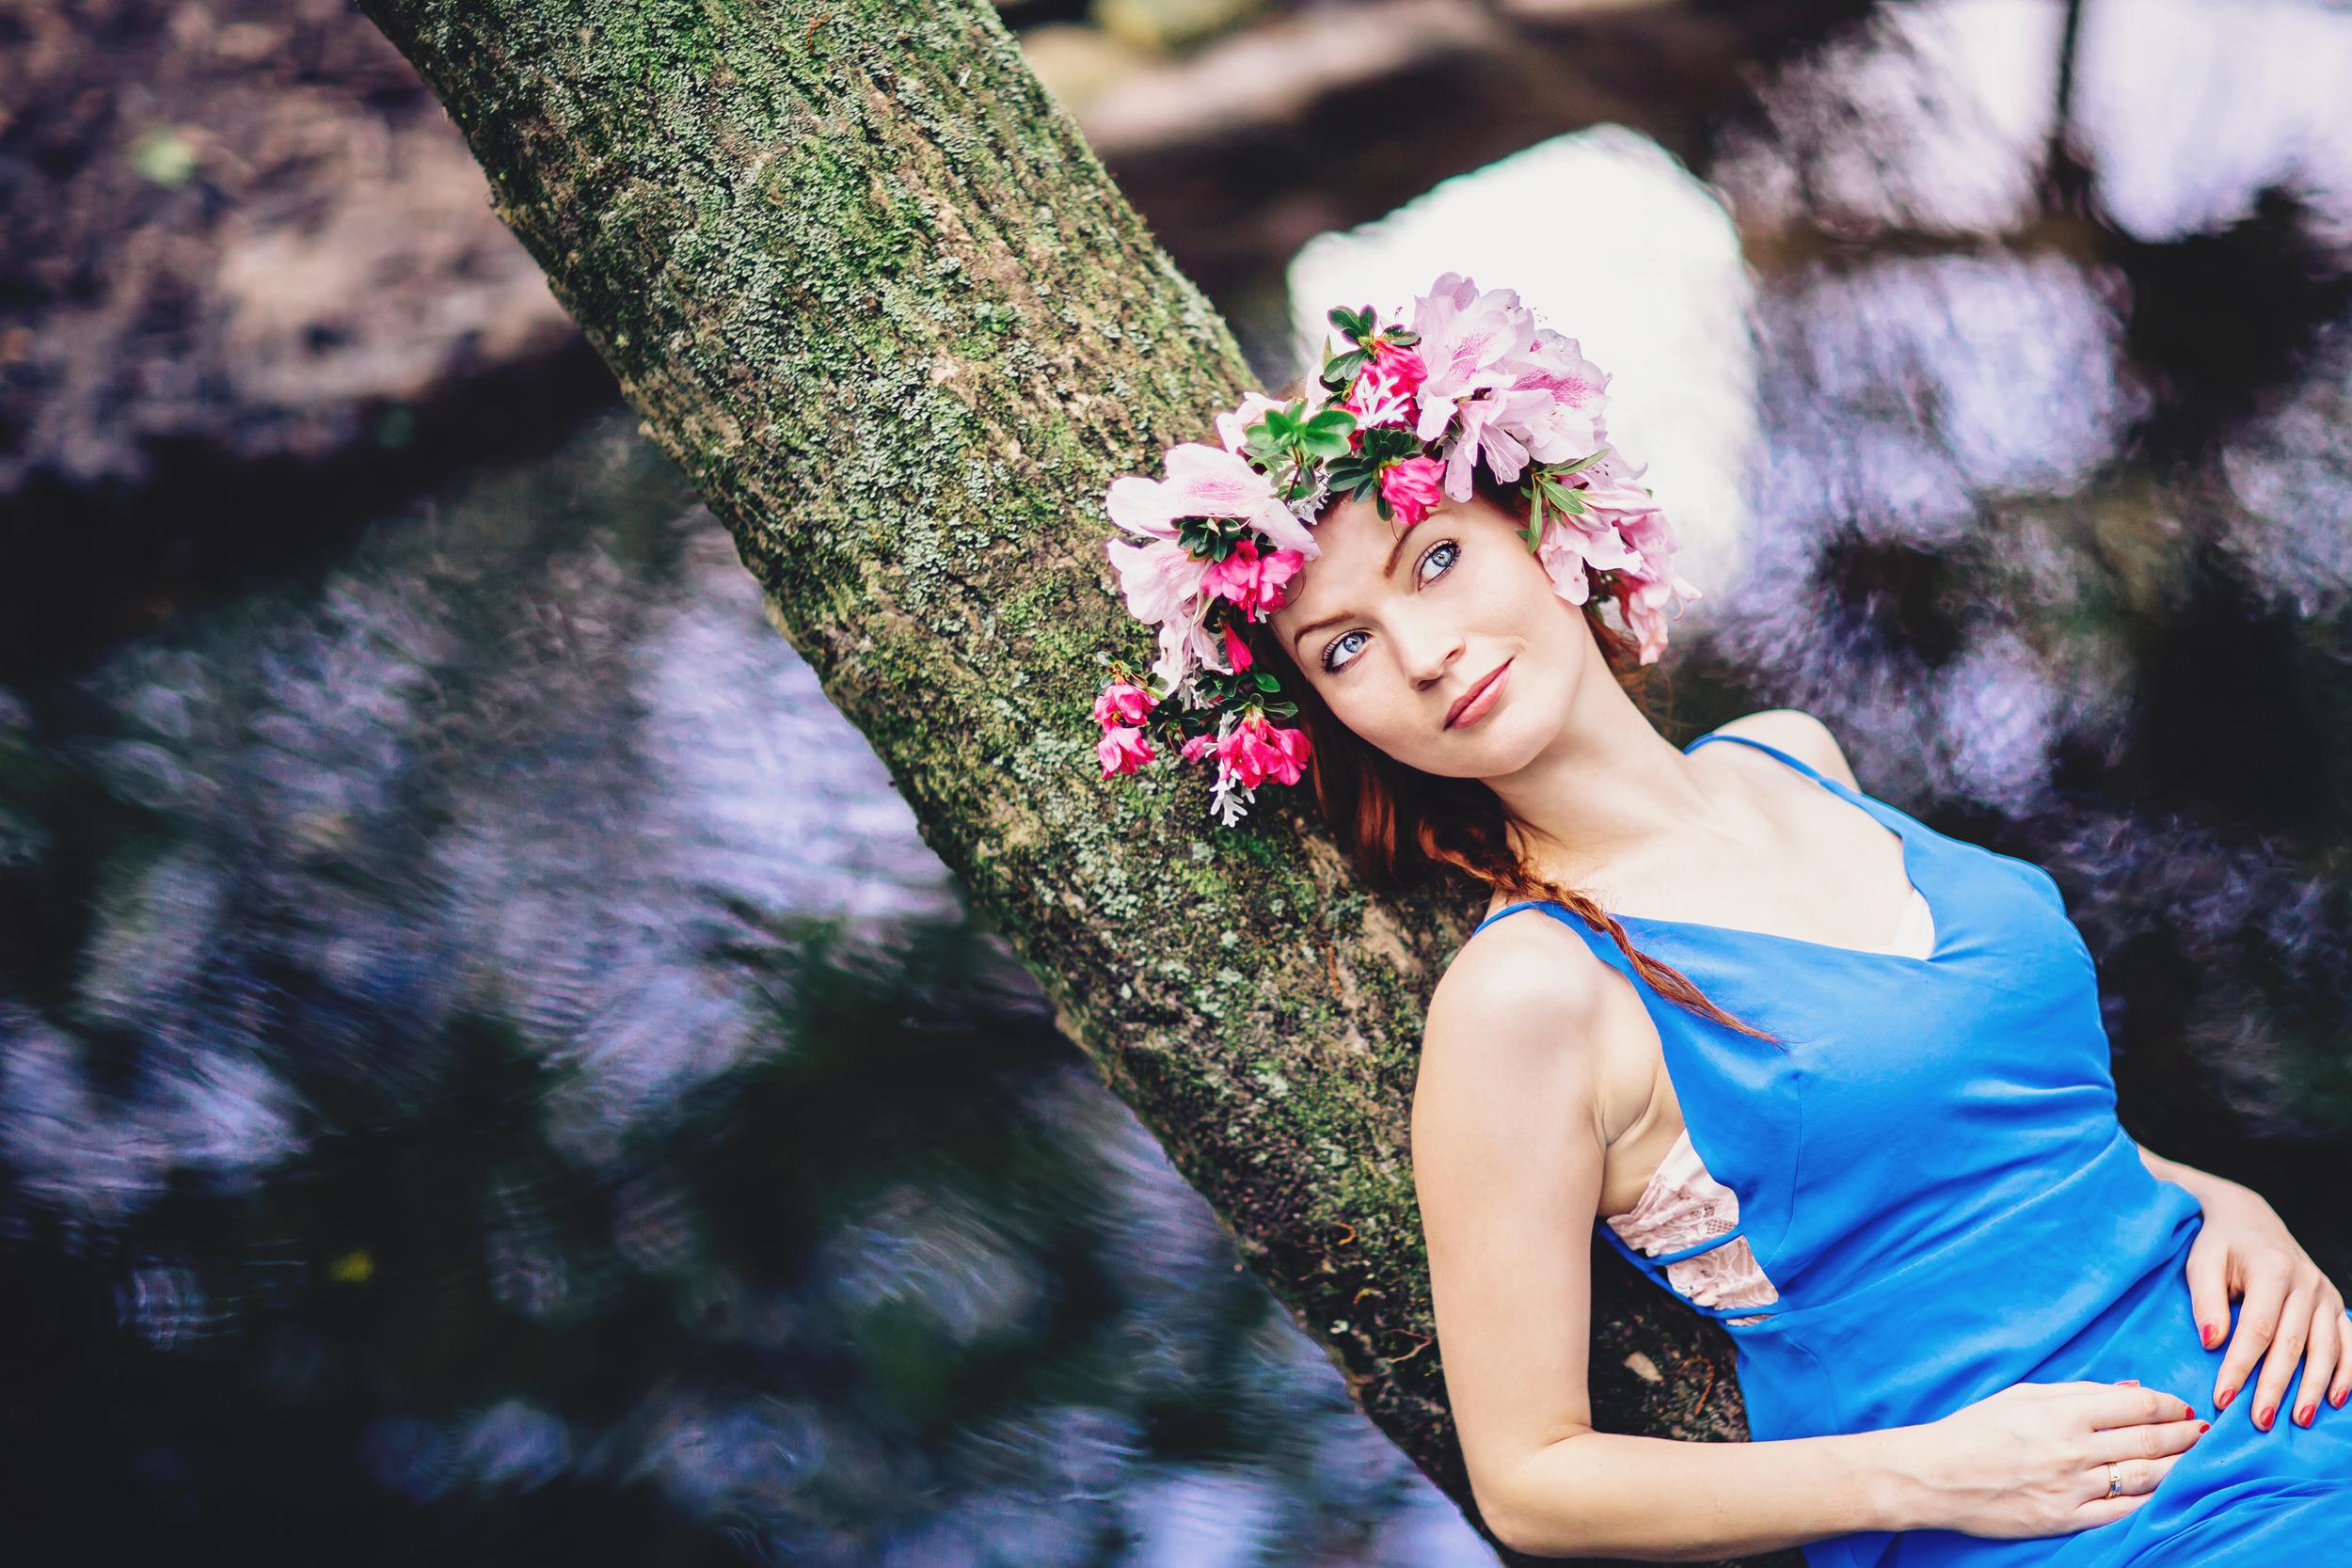 style session eva blue nature forest inspired vsco inspired morocco  sanford photographer shaina deciryan -8359.jpg